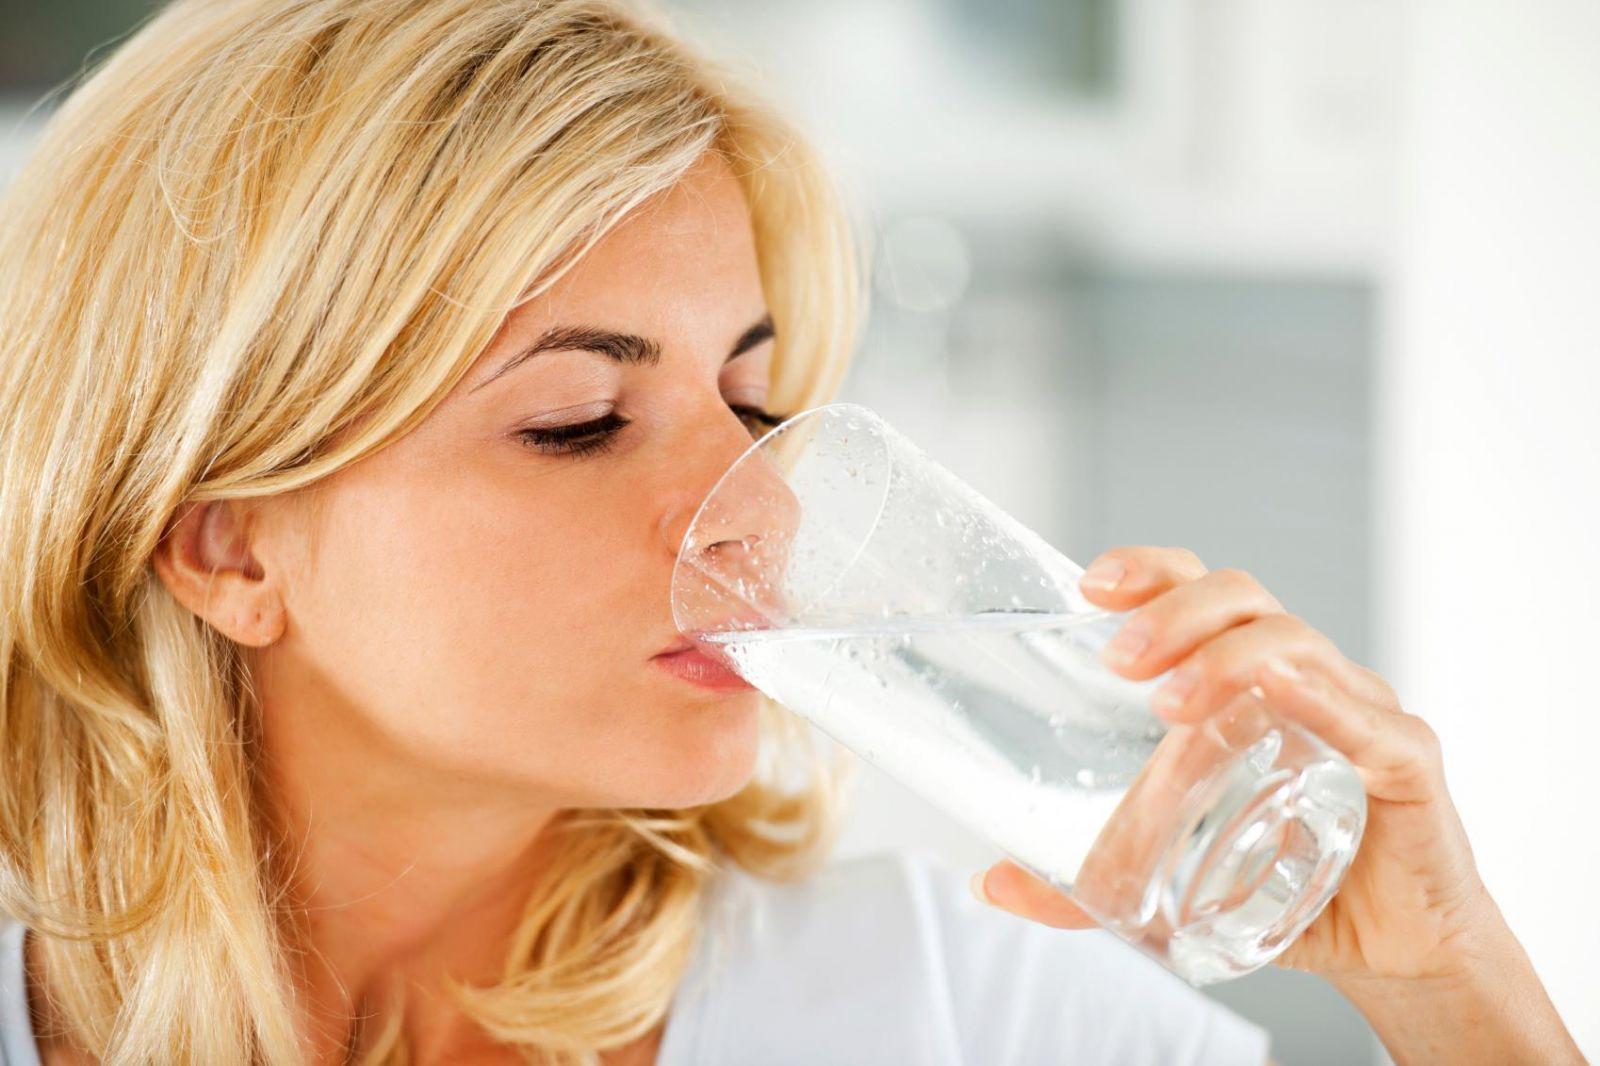 блондинка пьет воду